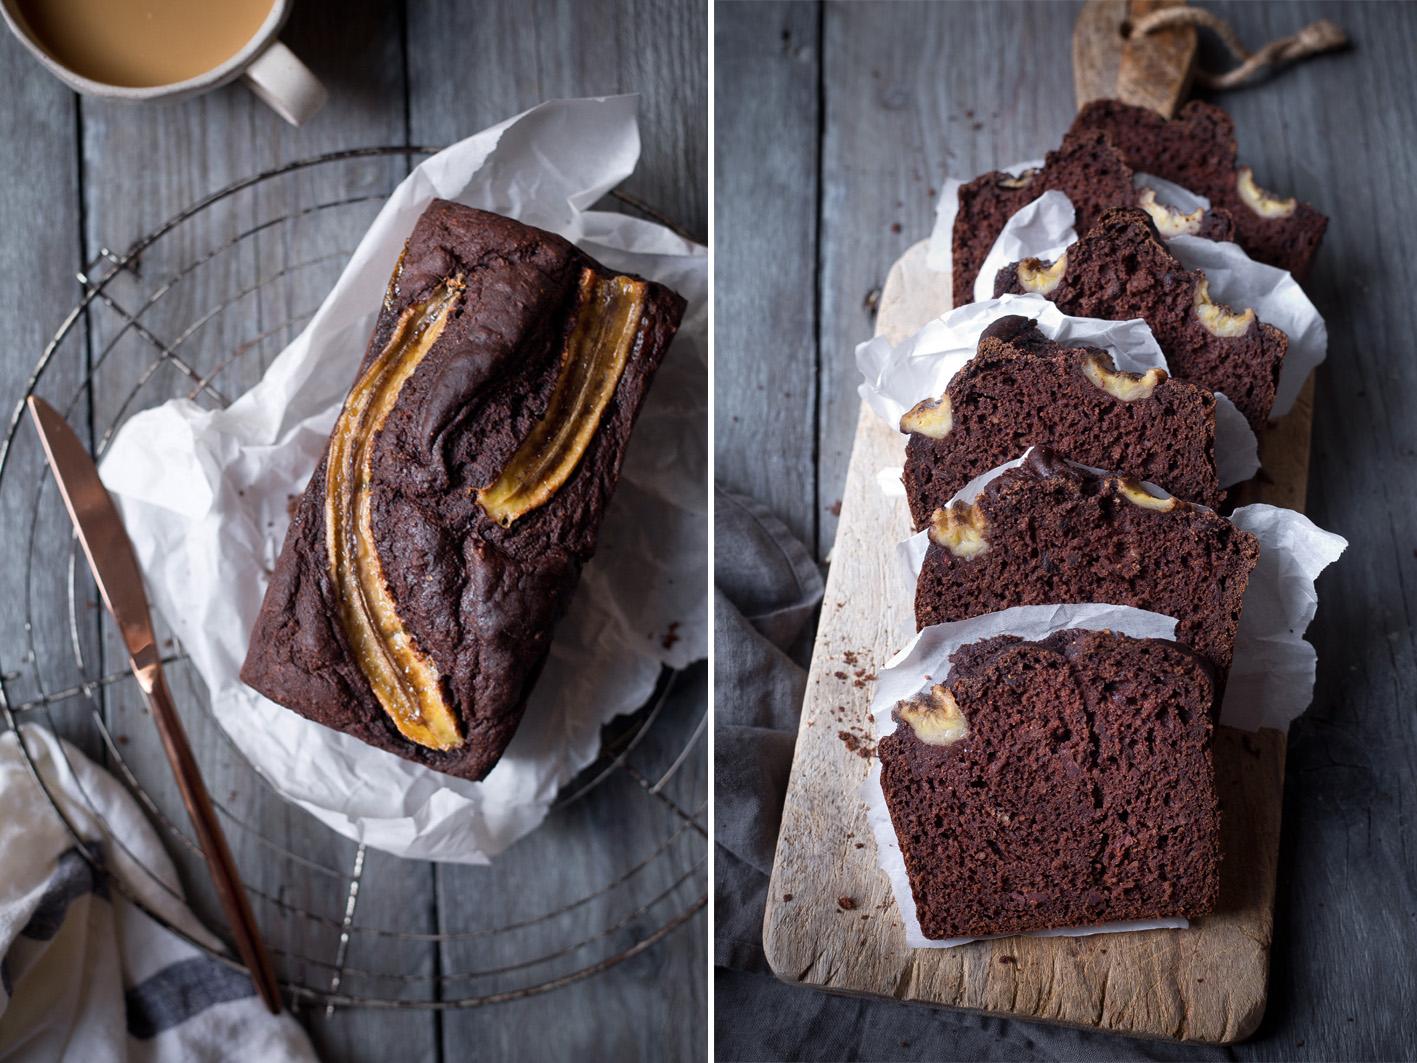 Saftiges Schokoladen Banana Bread aus gesunden Zutaten